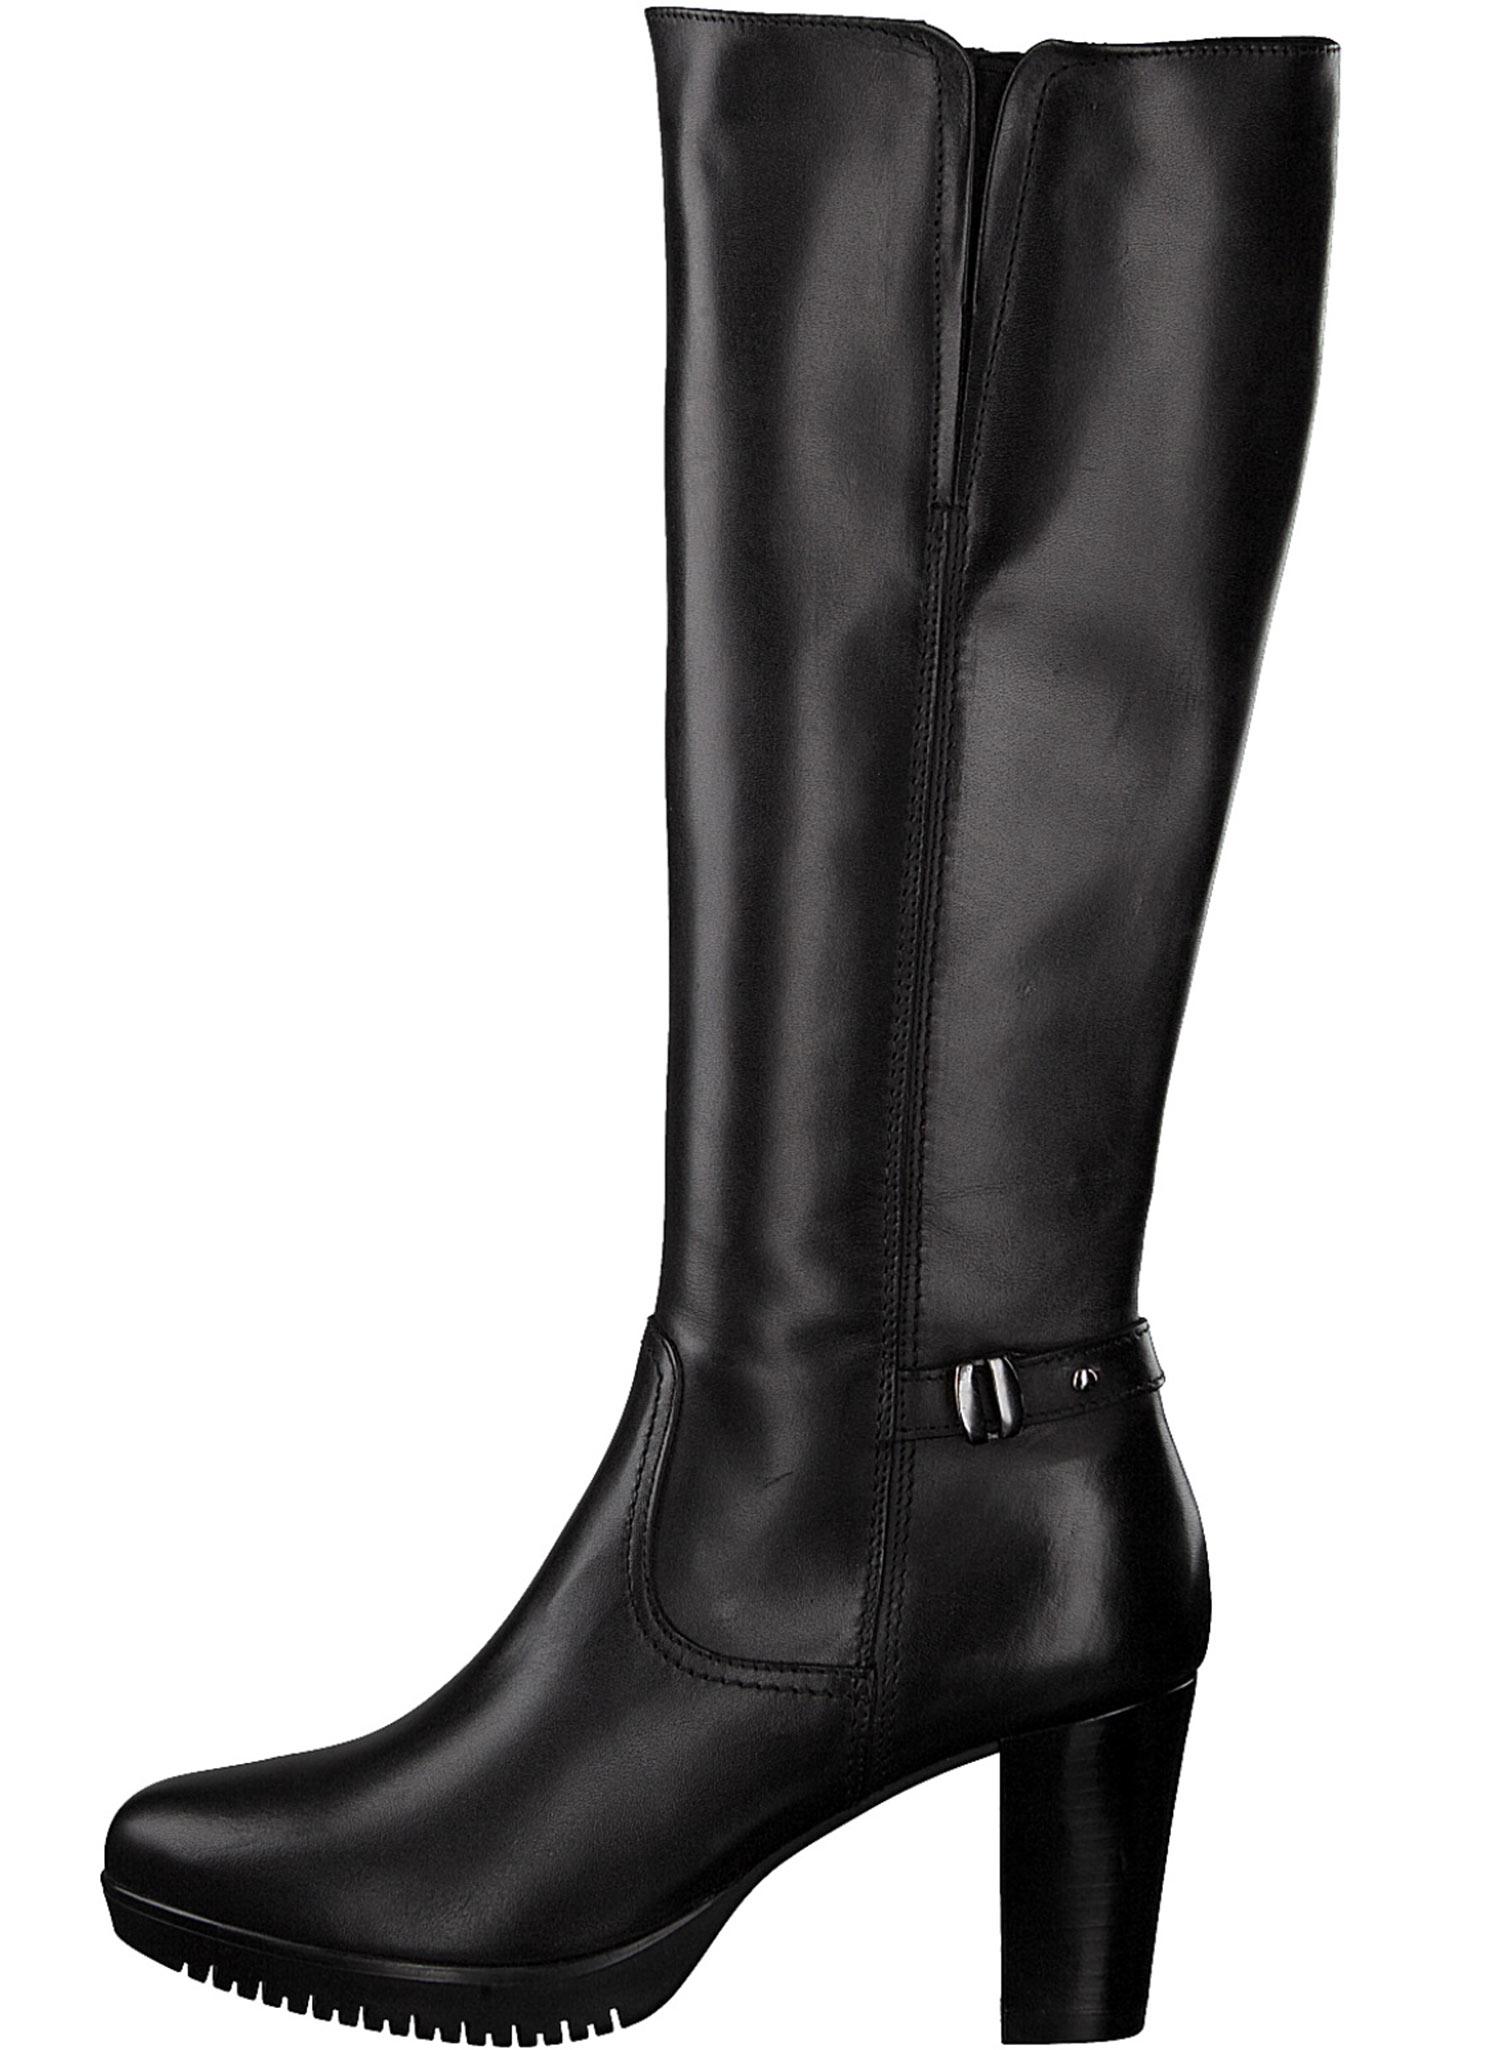 Damen Winter 25556 Stiefeletten Stiefel Boots Tamaris 21001 0mnNw8